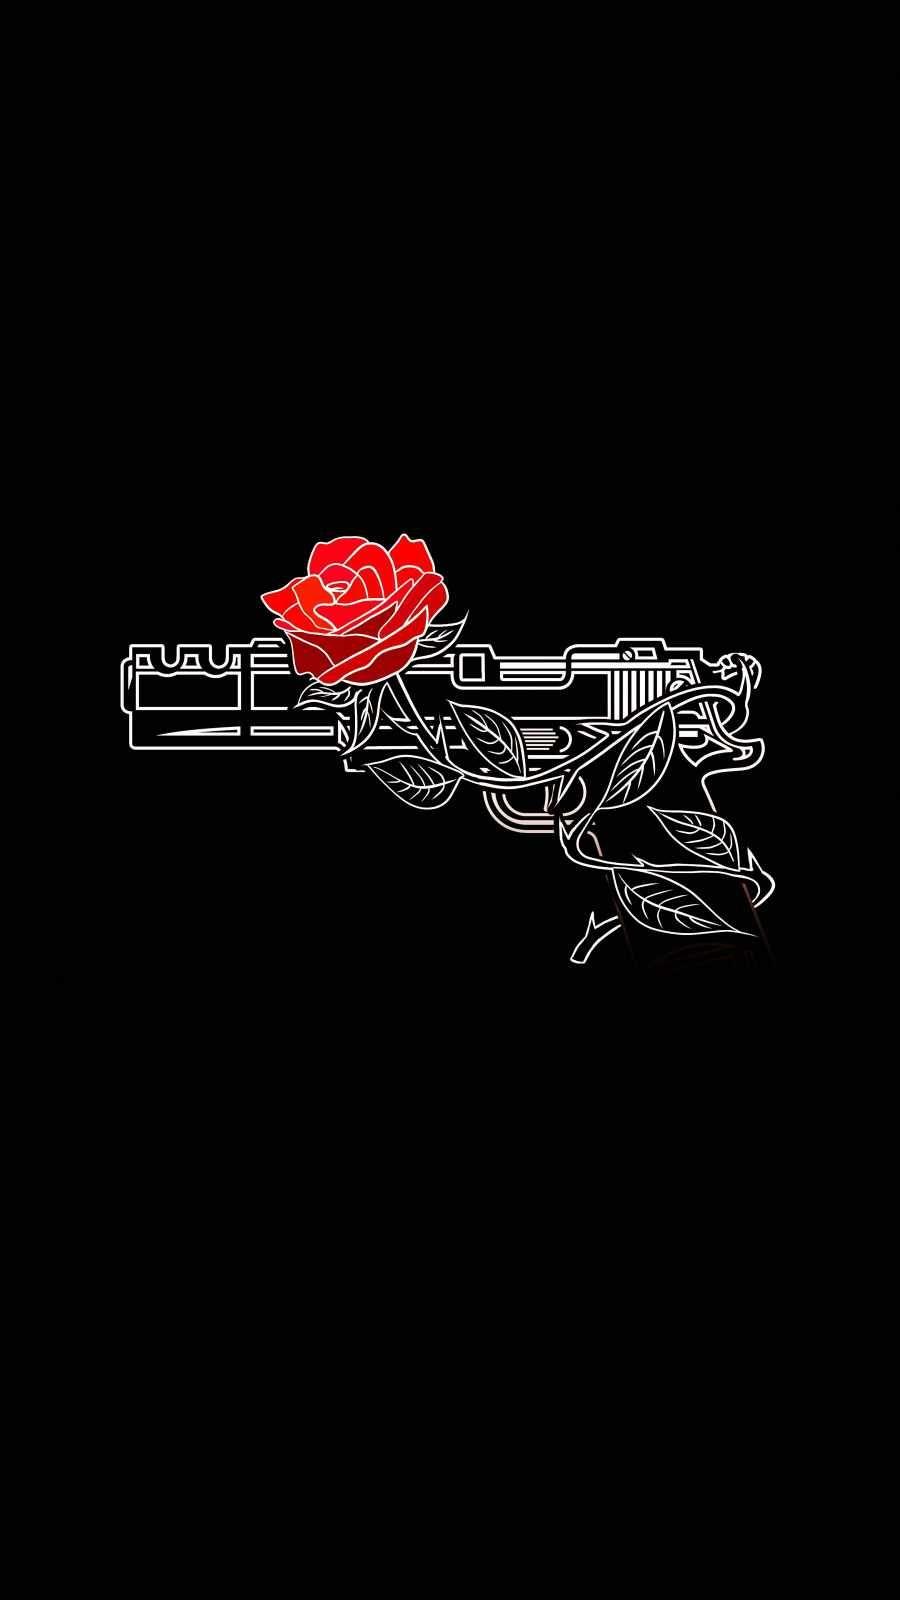 Rose Gun IPhone Wallpaper - IPhone Wallpapers